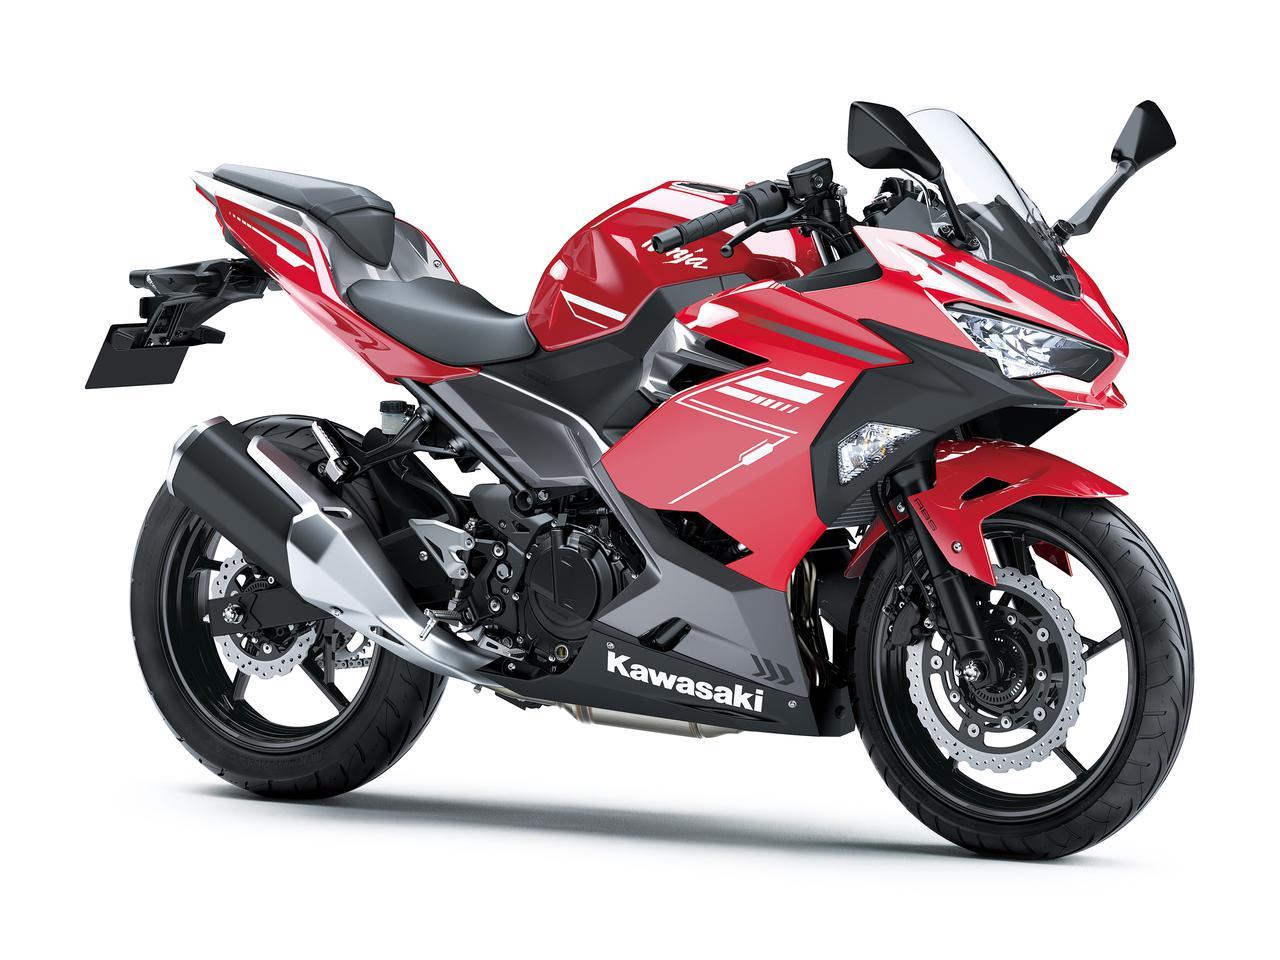 画像1: カワサキ「Ninja250」2022年モデル発売! 250ccフルカウルスポーツのロングセラーモデルが新色に、カラーは2色の設定